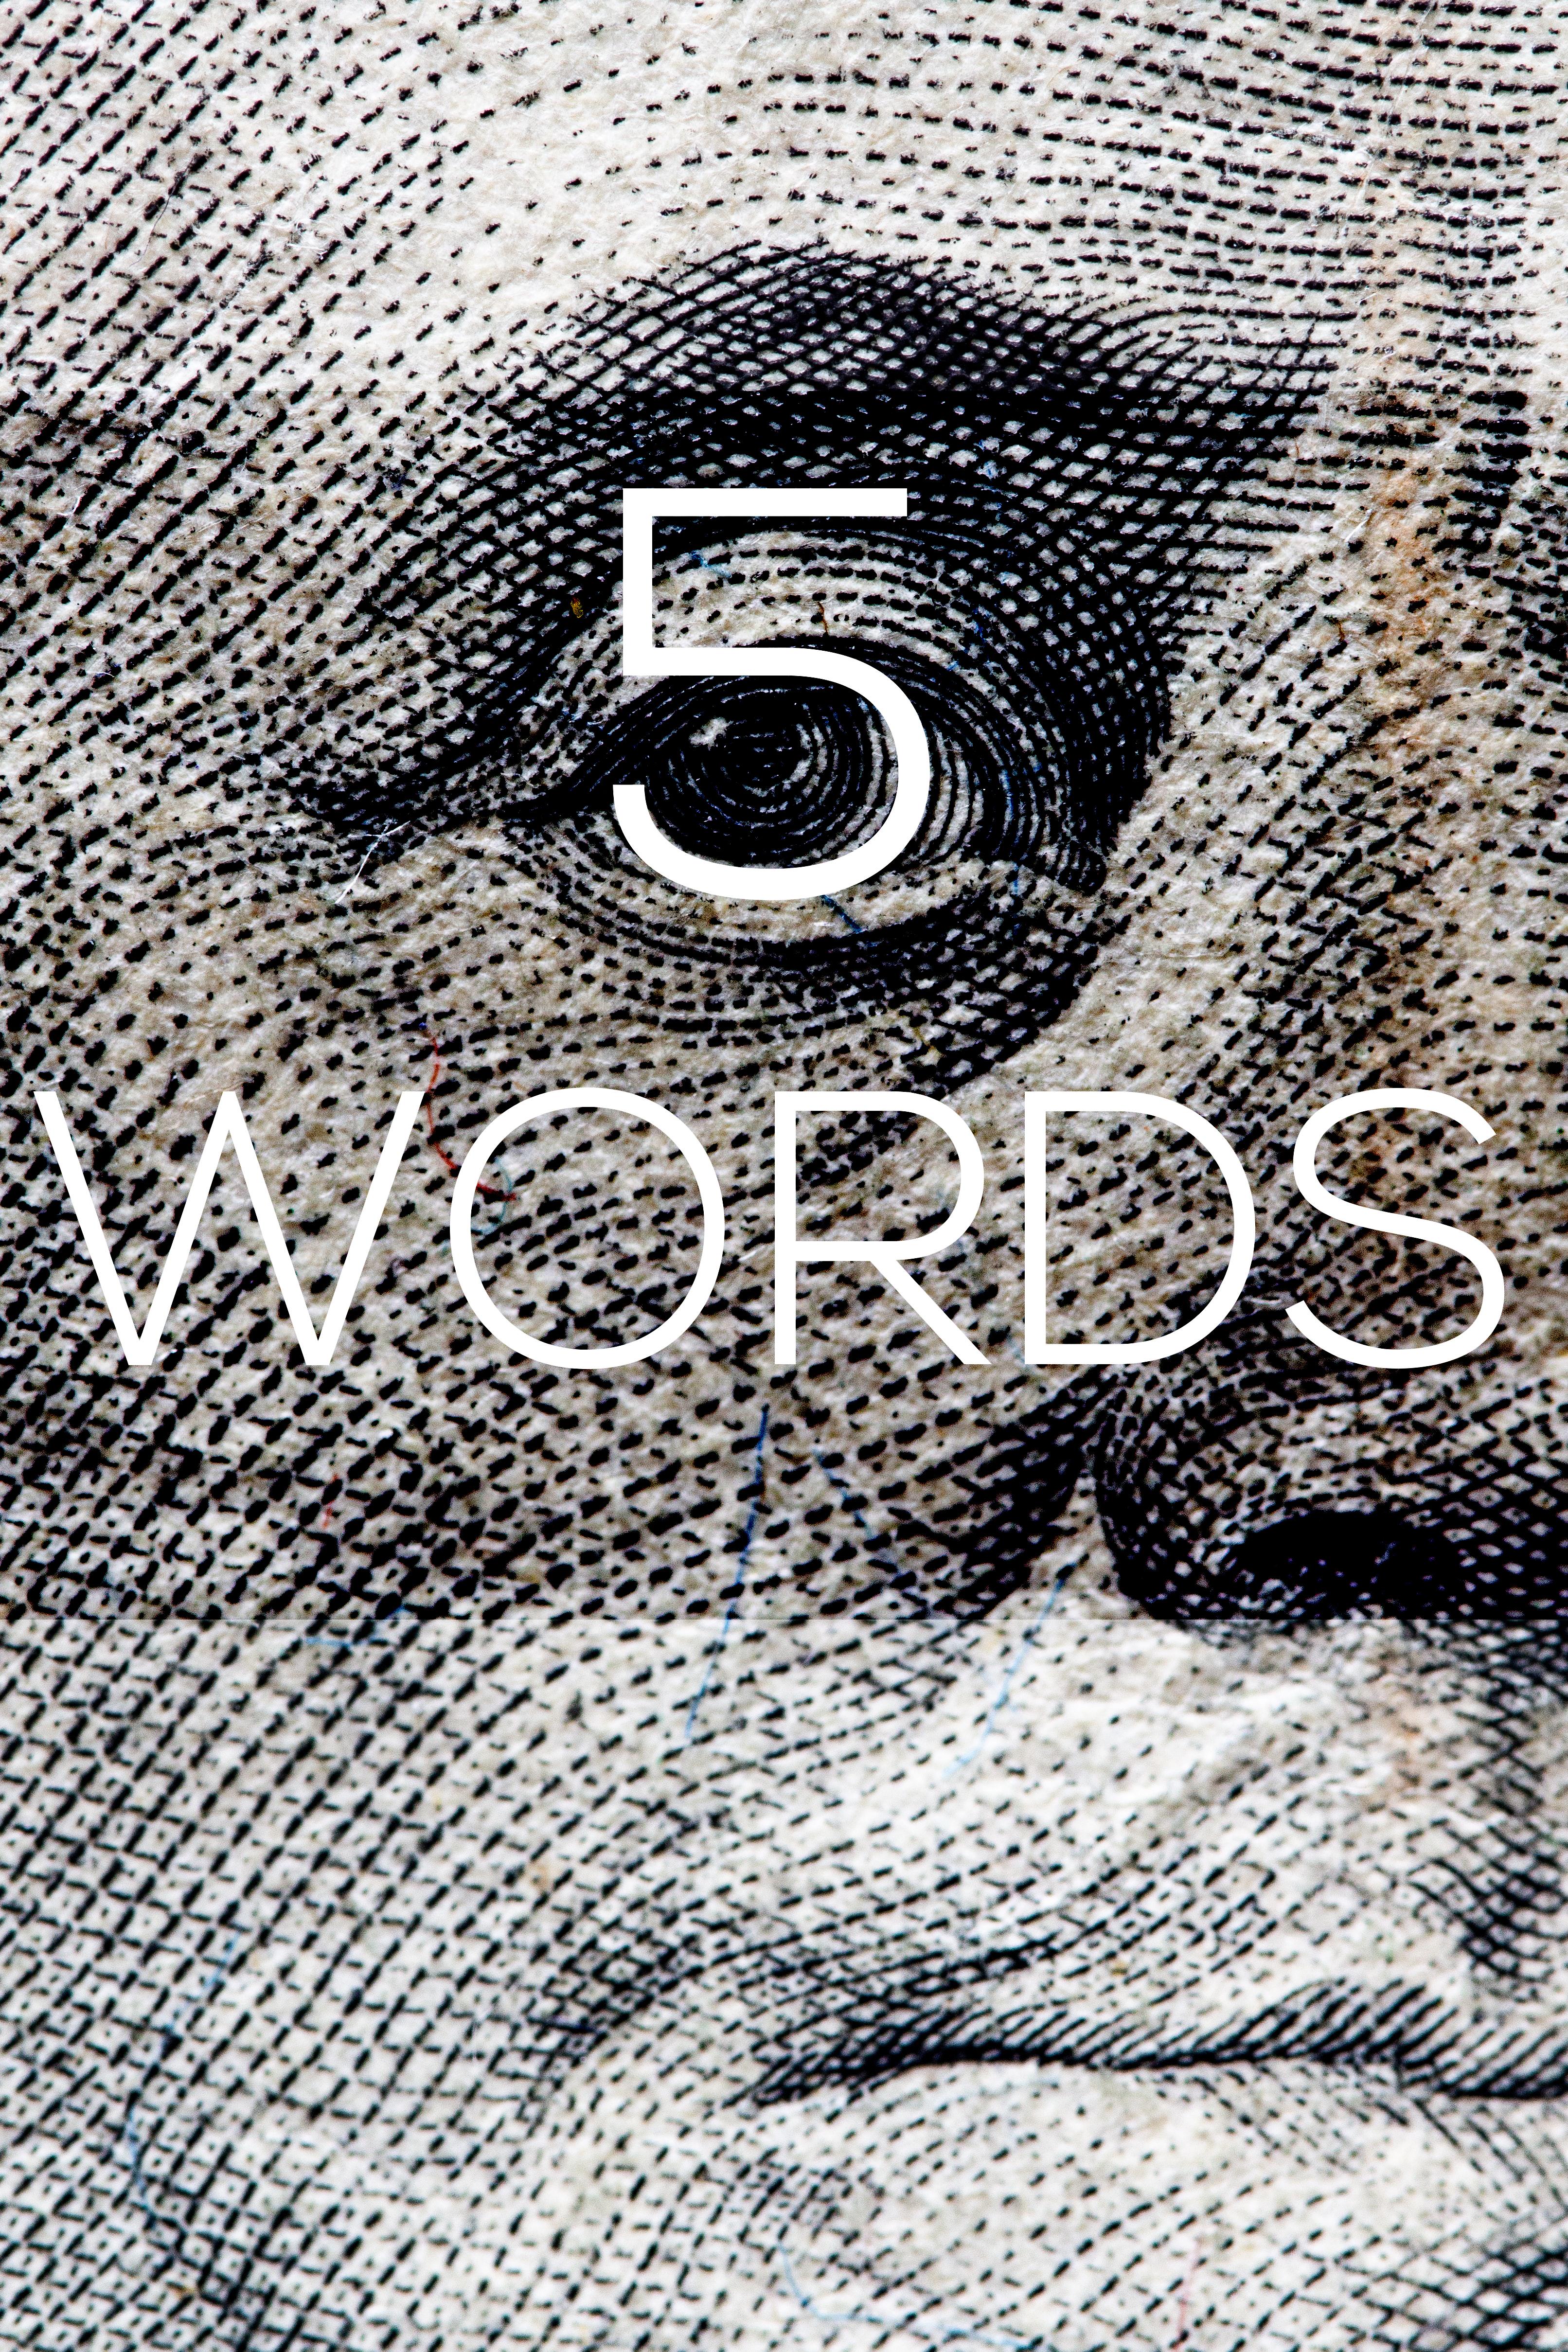 Five Words jobs